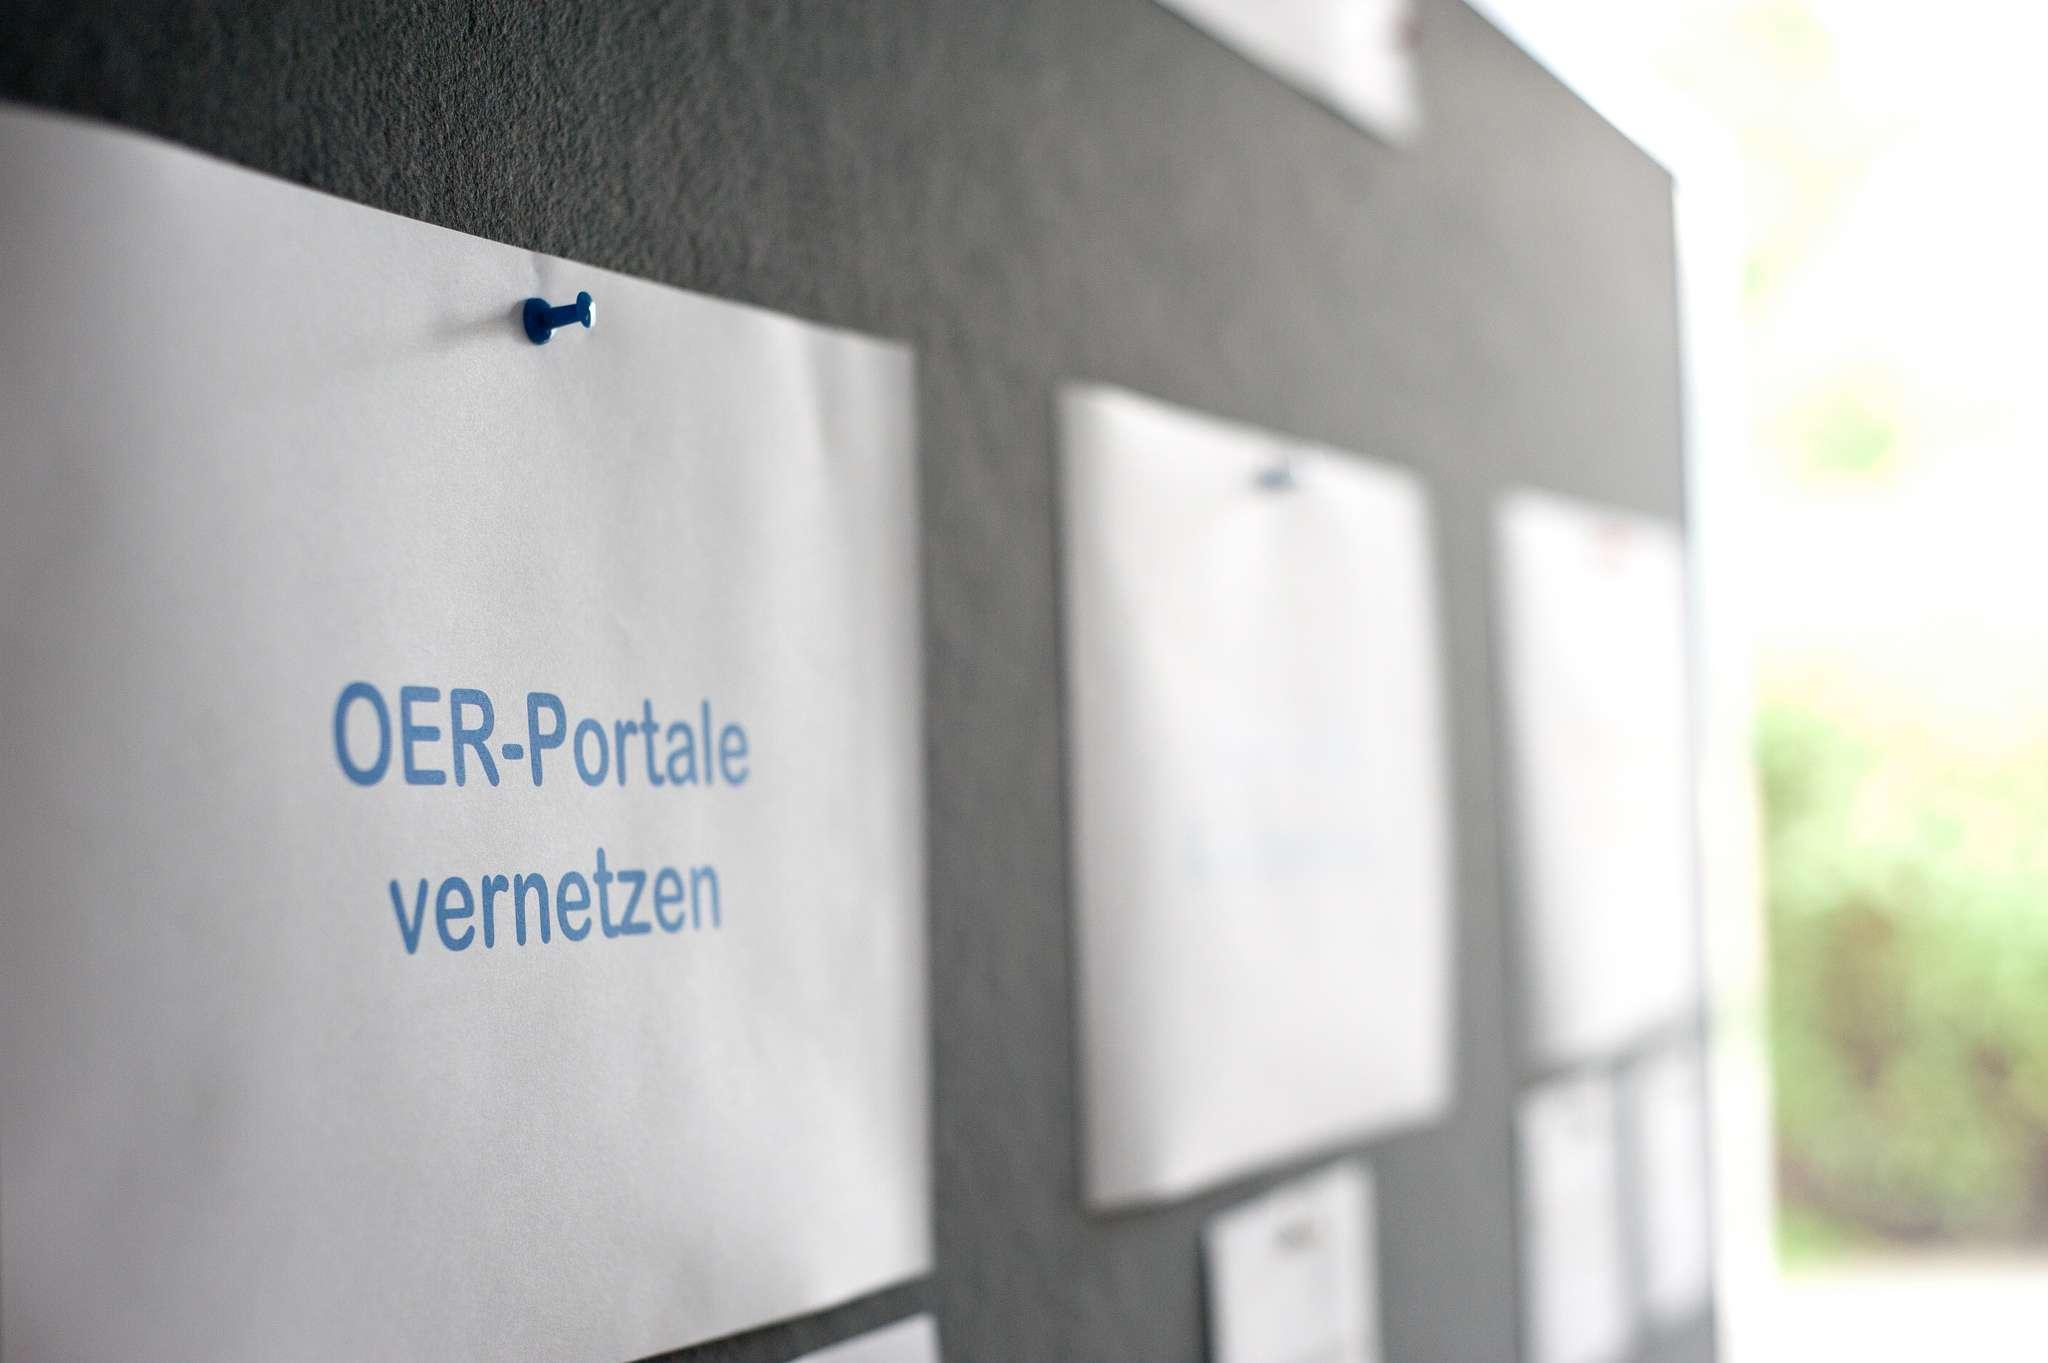 Das Bild zeigt eine Metaplanwand mit einem Zettel auf dem Steht OER-Portale vernetzen